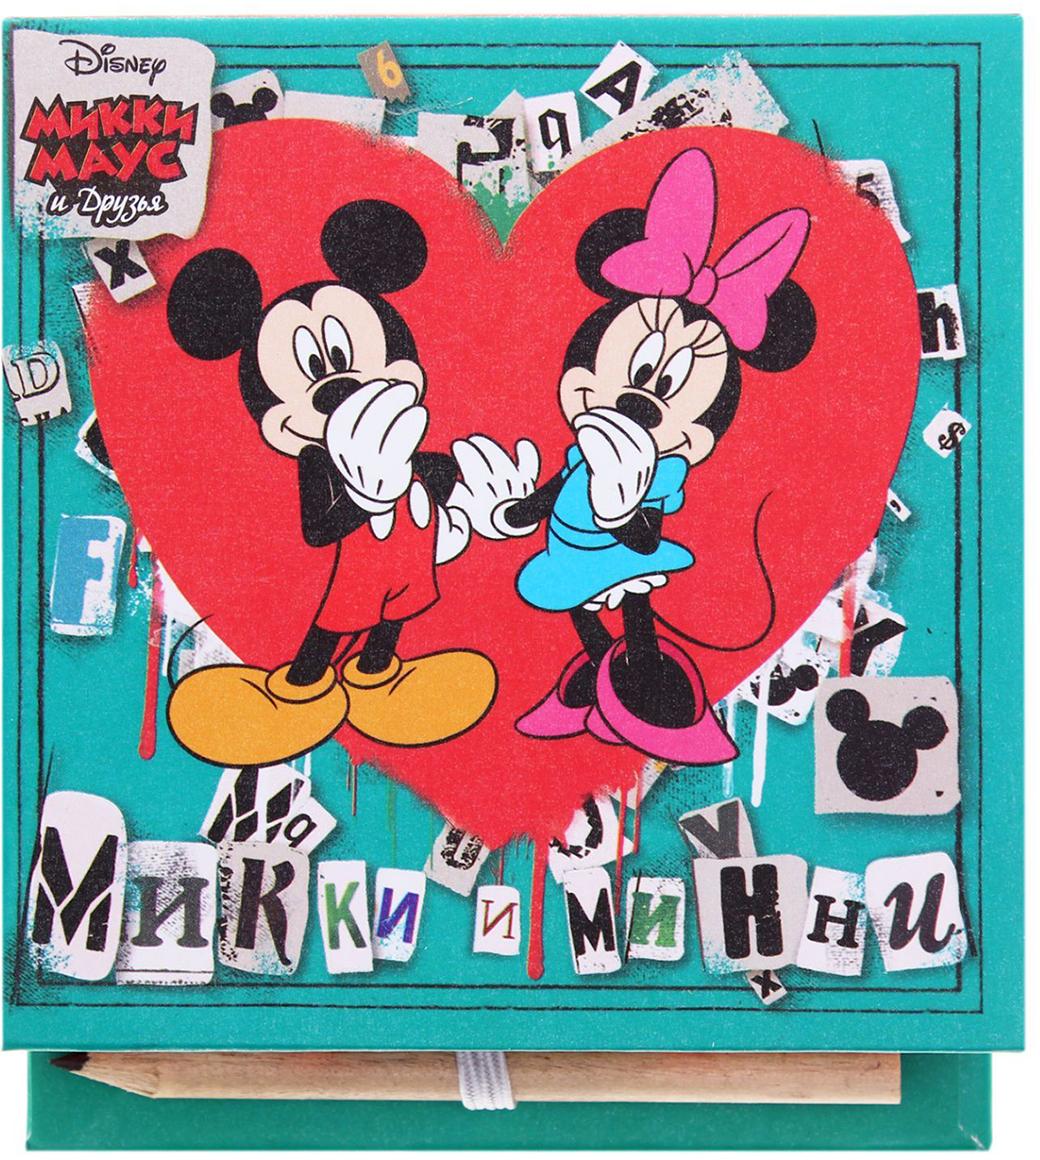 Disney Блок для записей Любовь 10 x 10 см 150 листов1158868Заряжайтесь позитивом каждый день вместе с любимыми героями мультфильмов Disney. Специально для поклонников Микки Мауса и его друзей мы разработали целую серию канцелярских принадлежностей.Футляр содержит блок на 100 дизайнерских листов размером 9 х 9 см. Оставляйте на них сообщения, записывайте ценные мысли, составляйте списки или стройте планы. С оригинальным футляром из плотного картона записи не потеряются, а на столе будет порядок. Чтобы не пришлось искать карандаш, мы поместили его на внутреннюю сторону обложки, теперь он всегда под рукой.Побалуйте себя или близких эффектными аксессуарами.